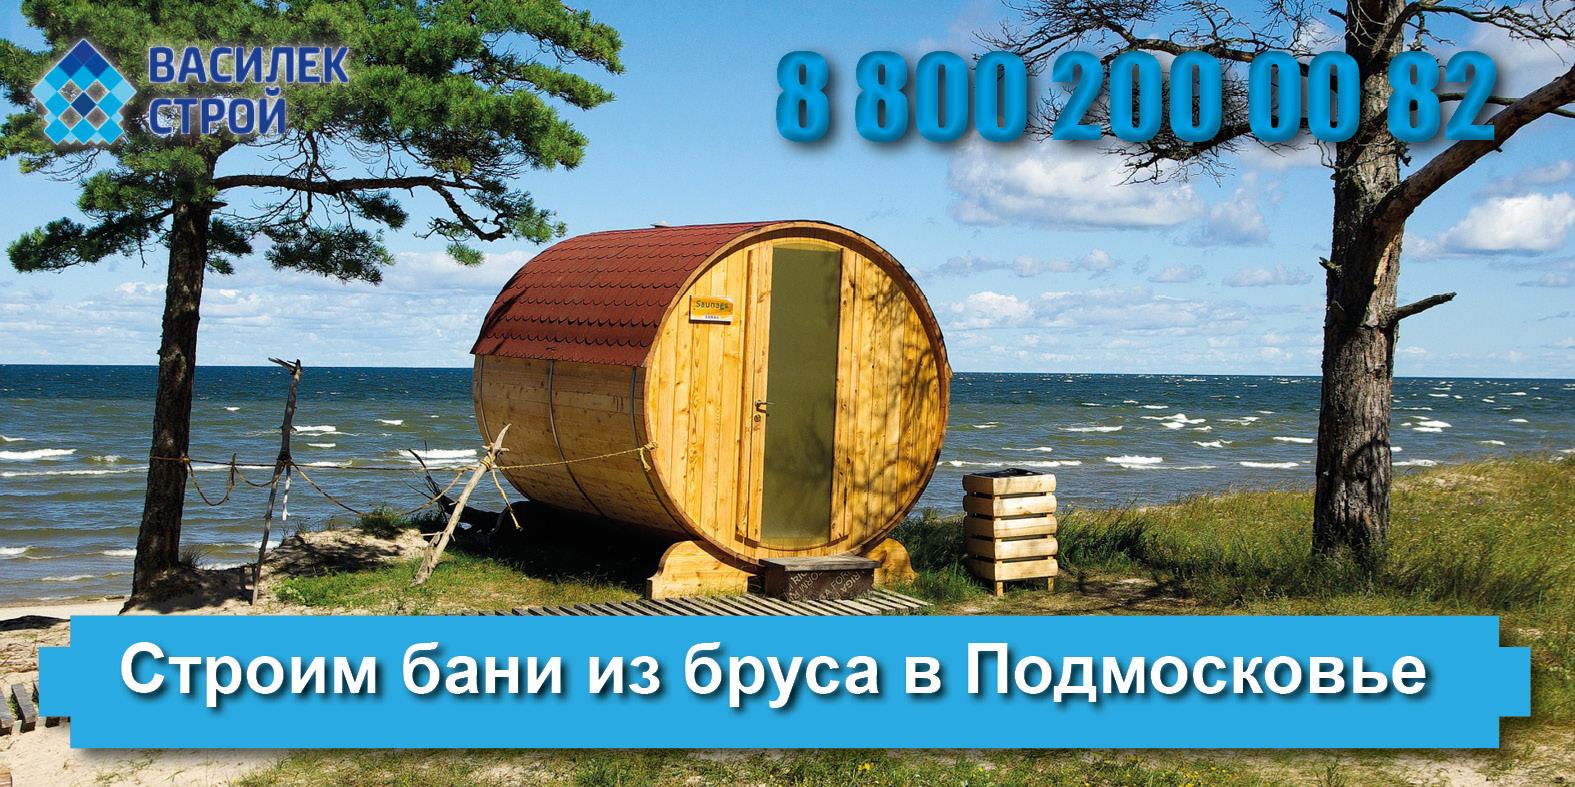 Построить бани из бруса в Подмосковье недорого, быстро и качественно вы можете с нашей помощью